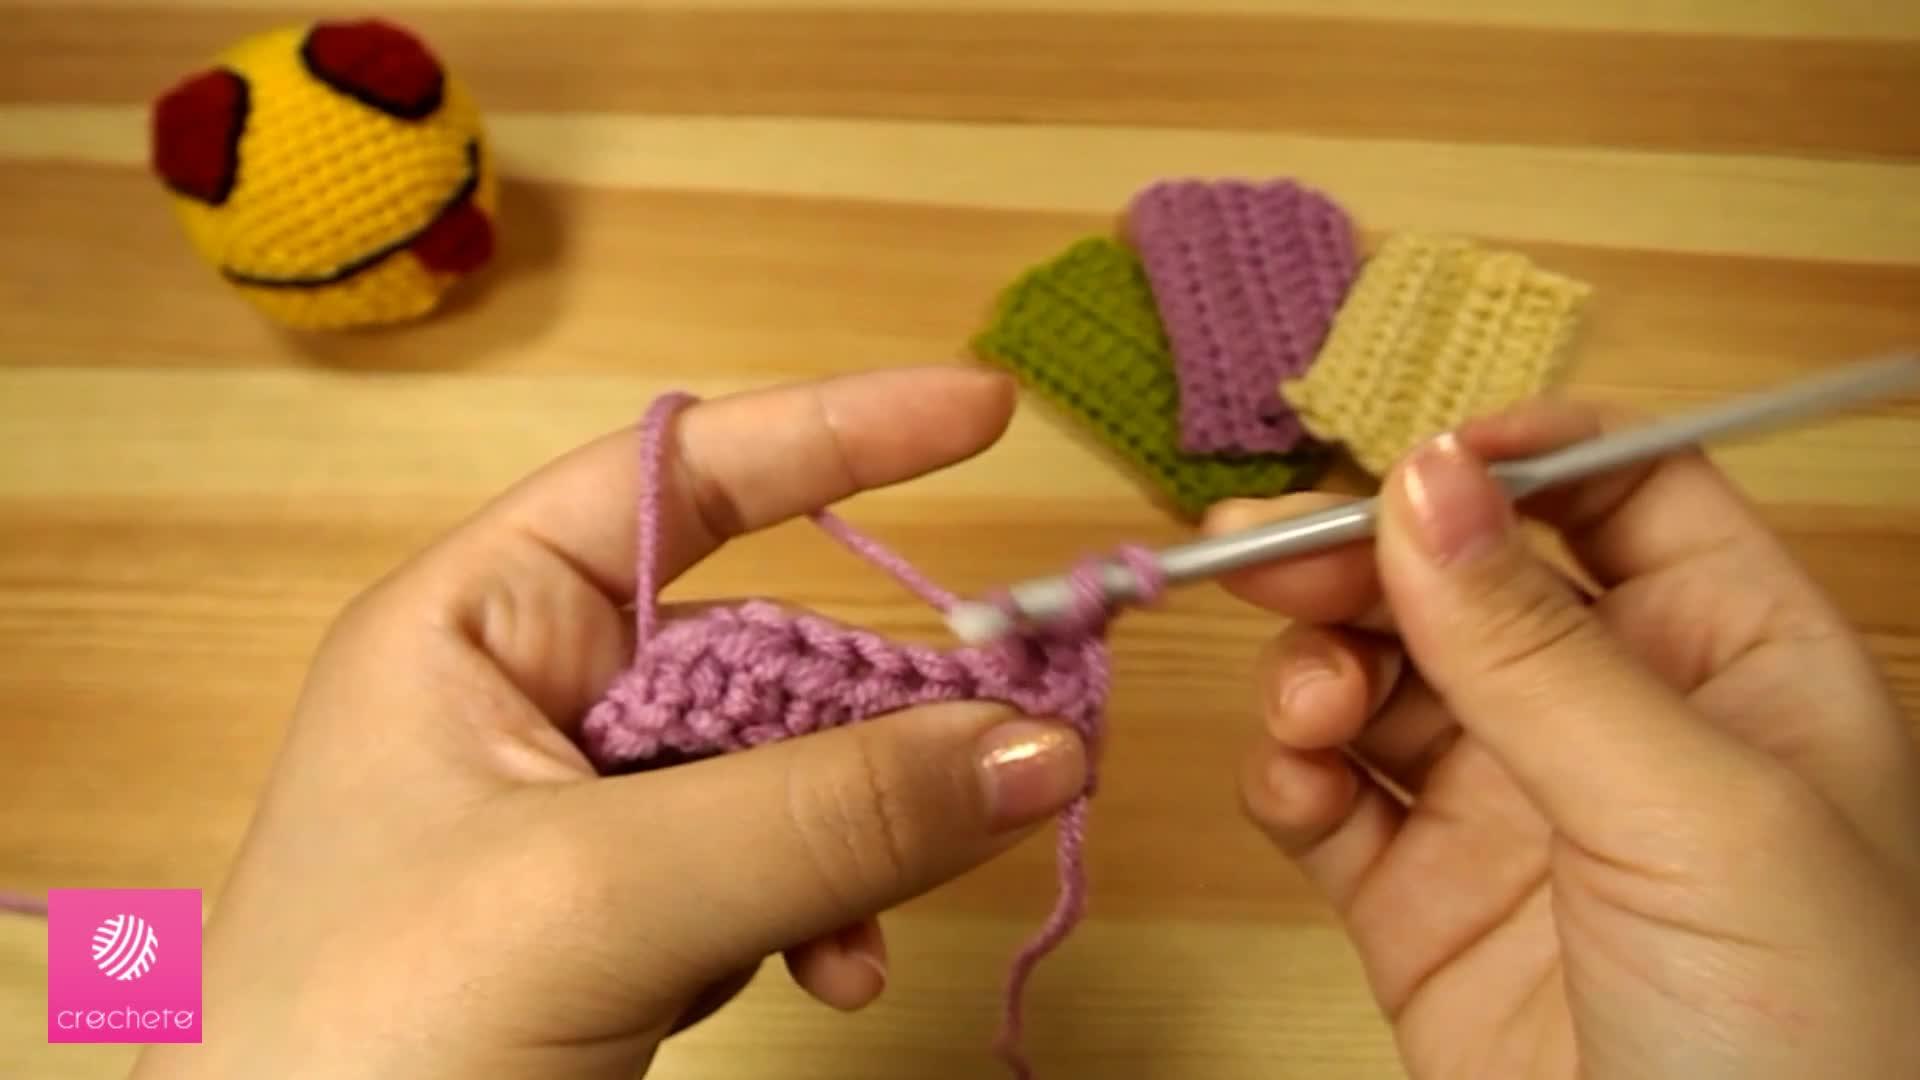 تعليم الكروشيه غرزة النصف عمود - Learn how to Crochet for beginners Half Double Crochet Stitch 5